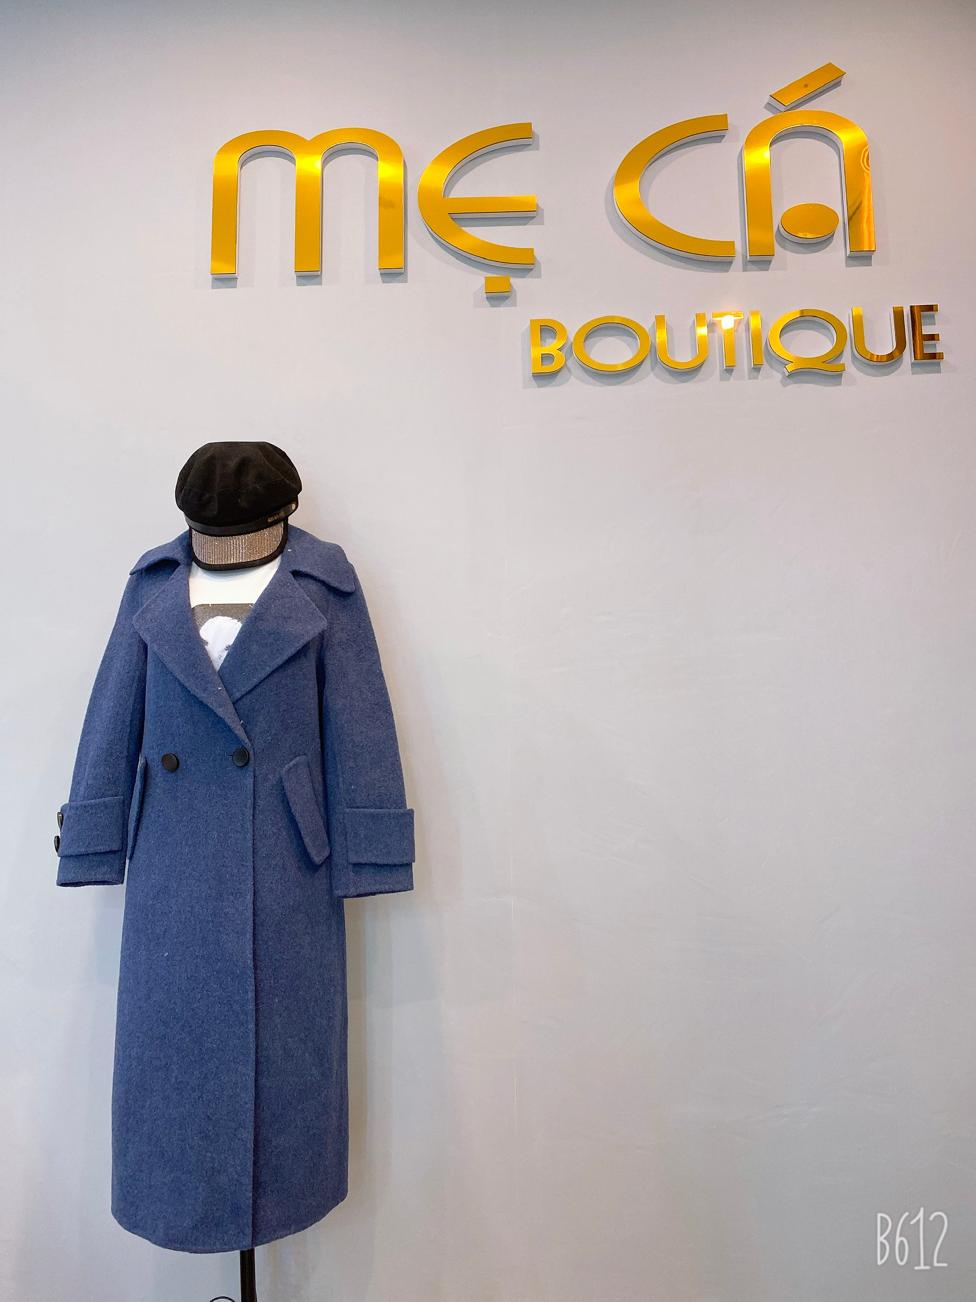 Khám phá cửa hàng thời trang, phụ kiện uy tín - Mẹ Cá Boutique - Ảnh 1